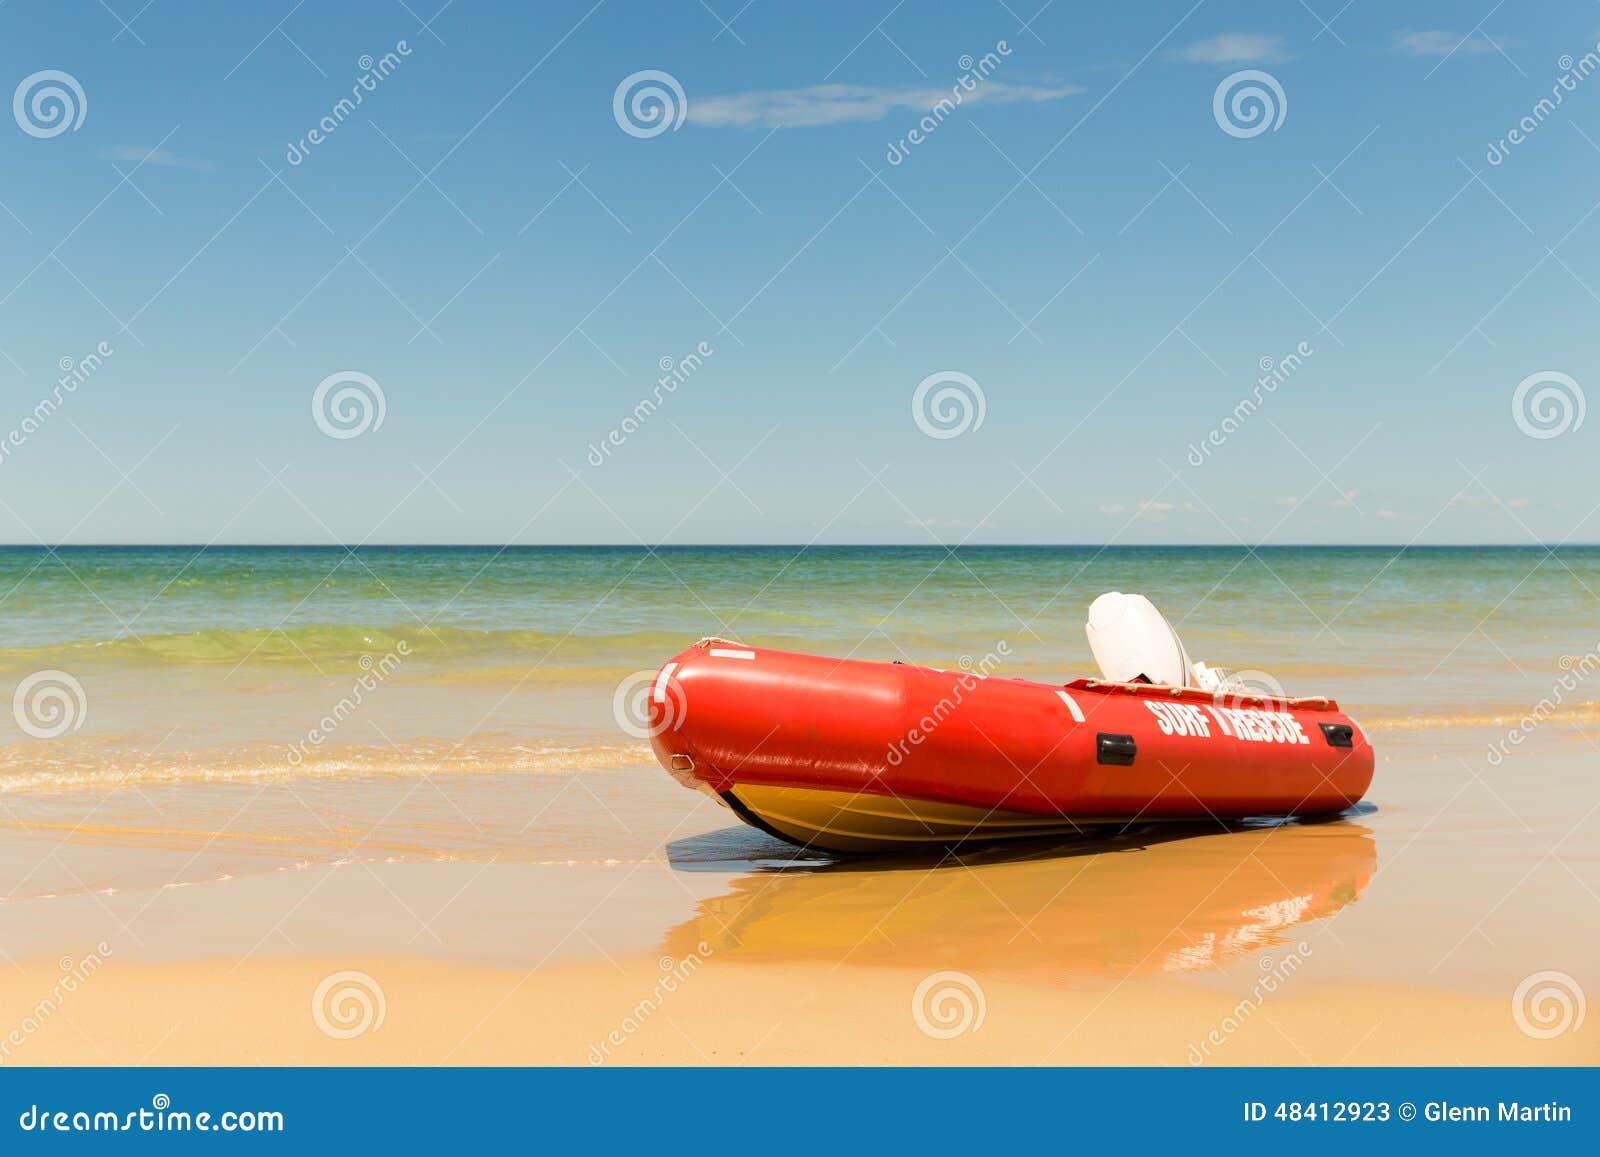 Salvación de vidas inflable del bote de salvamento